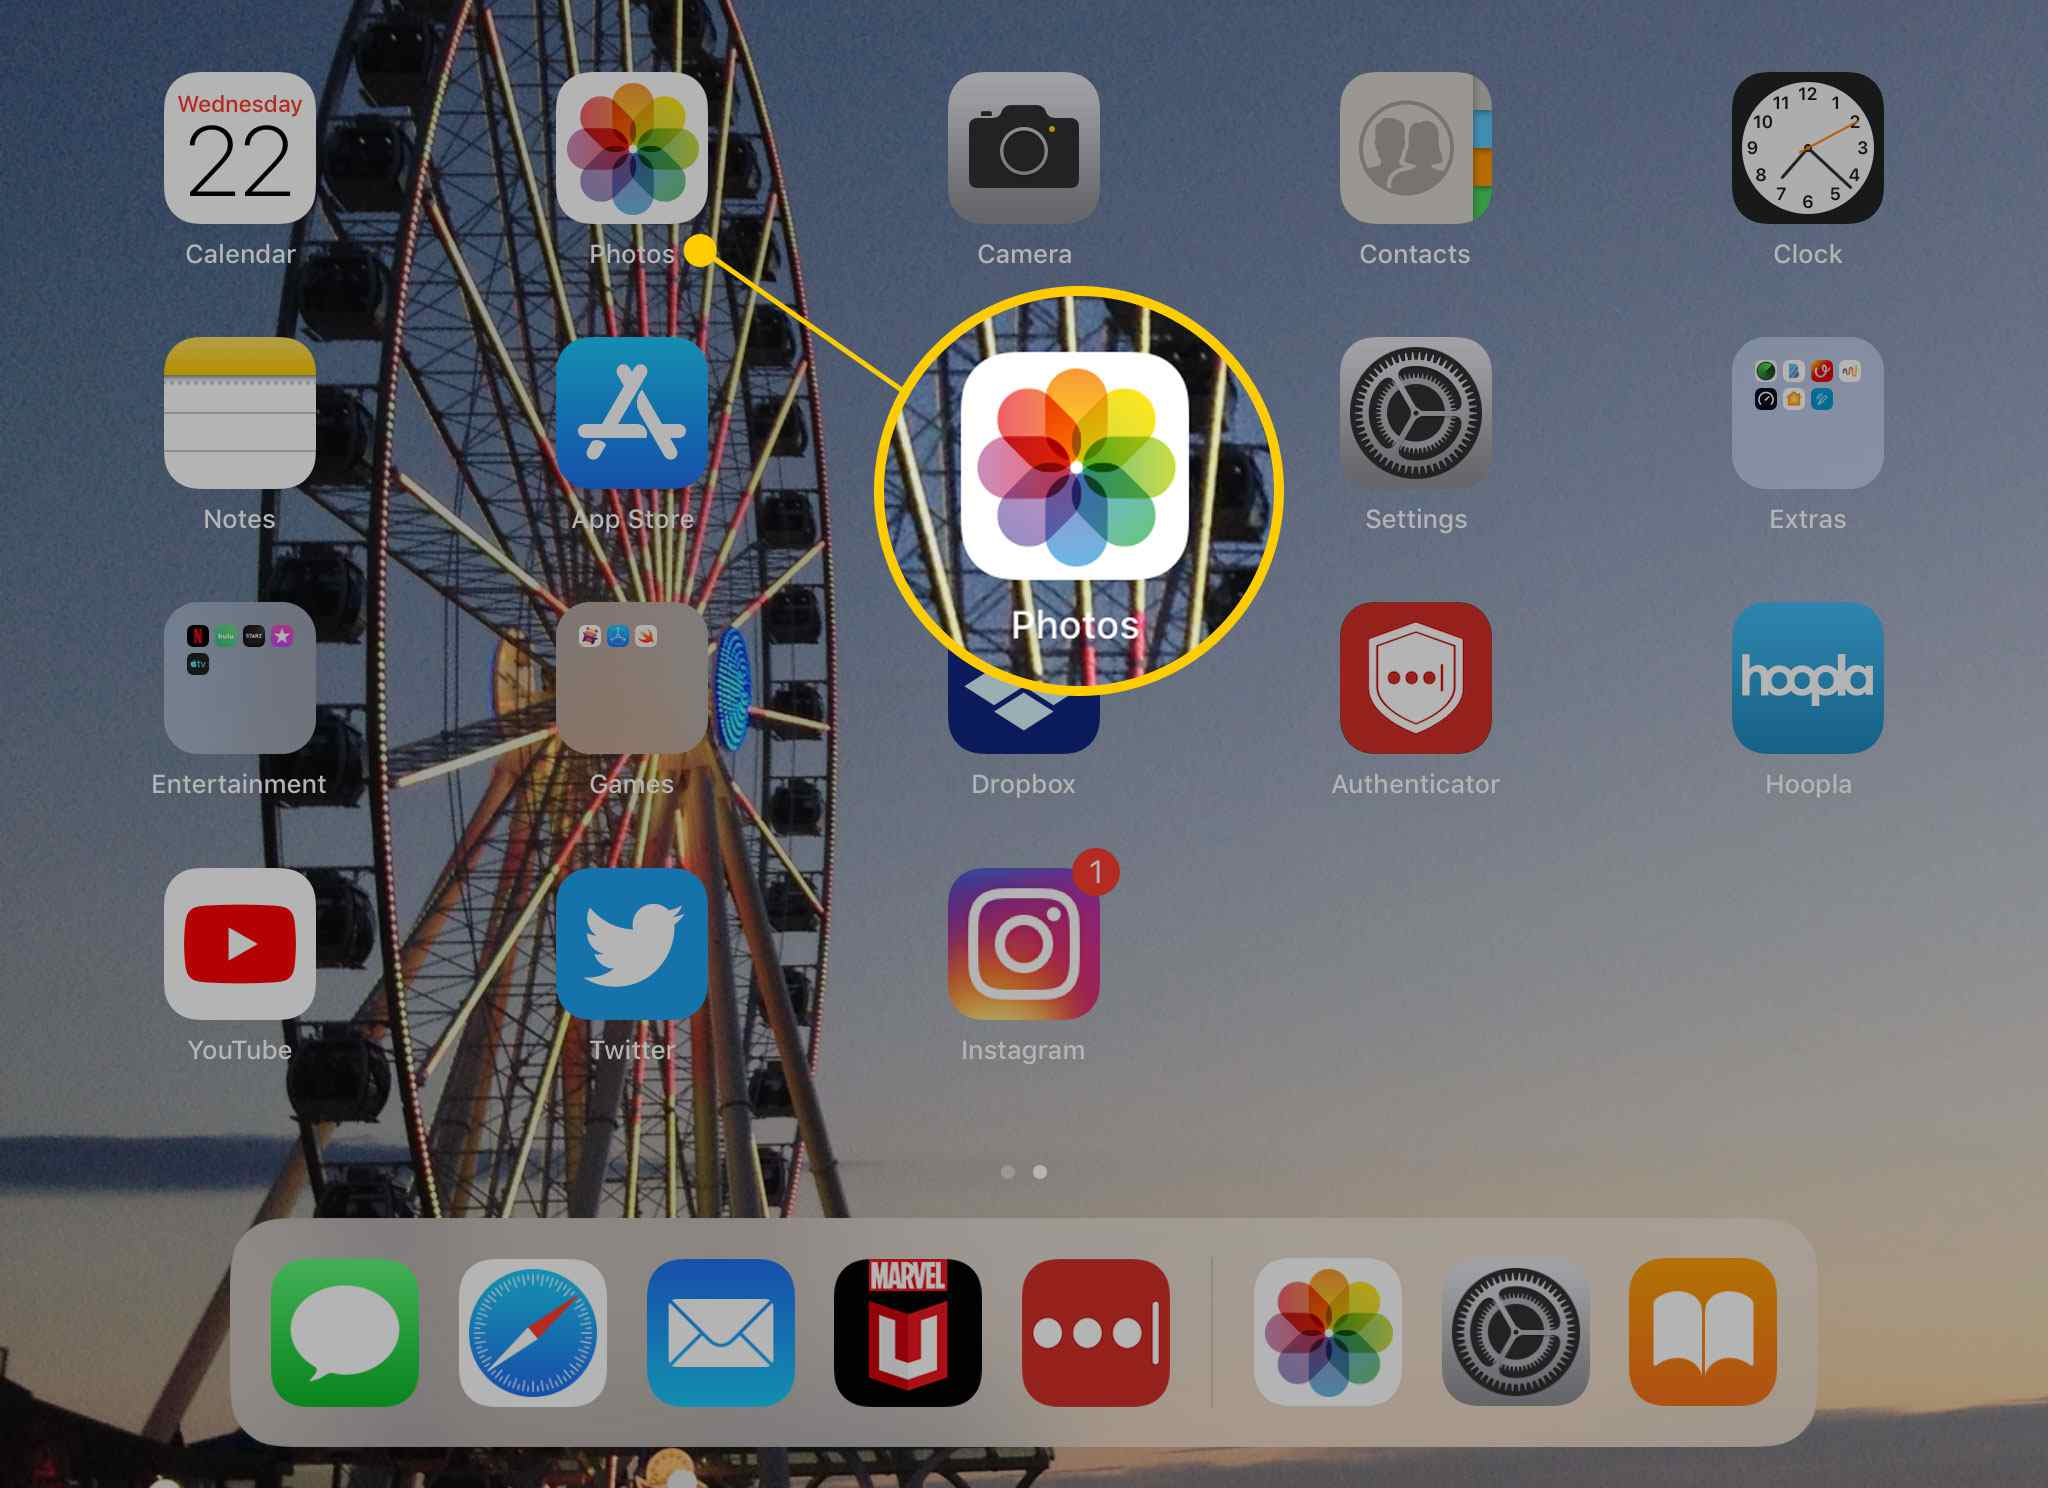 Photos app on iPad